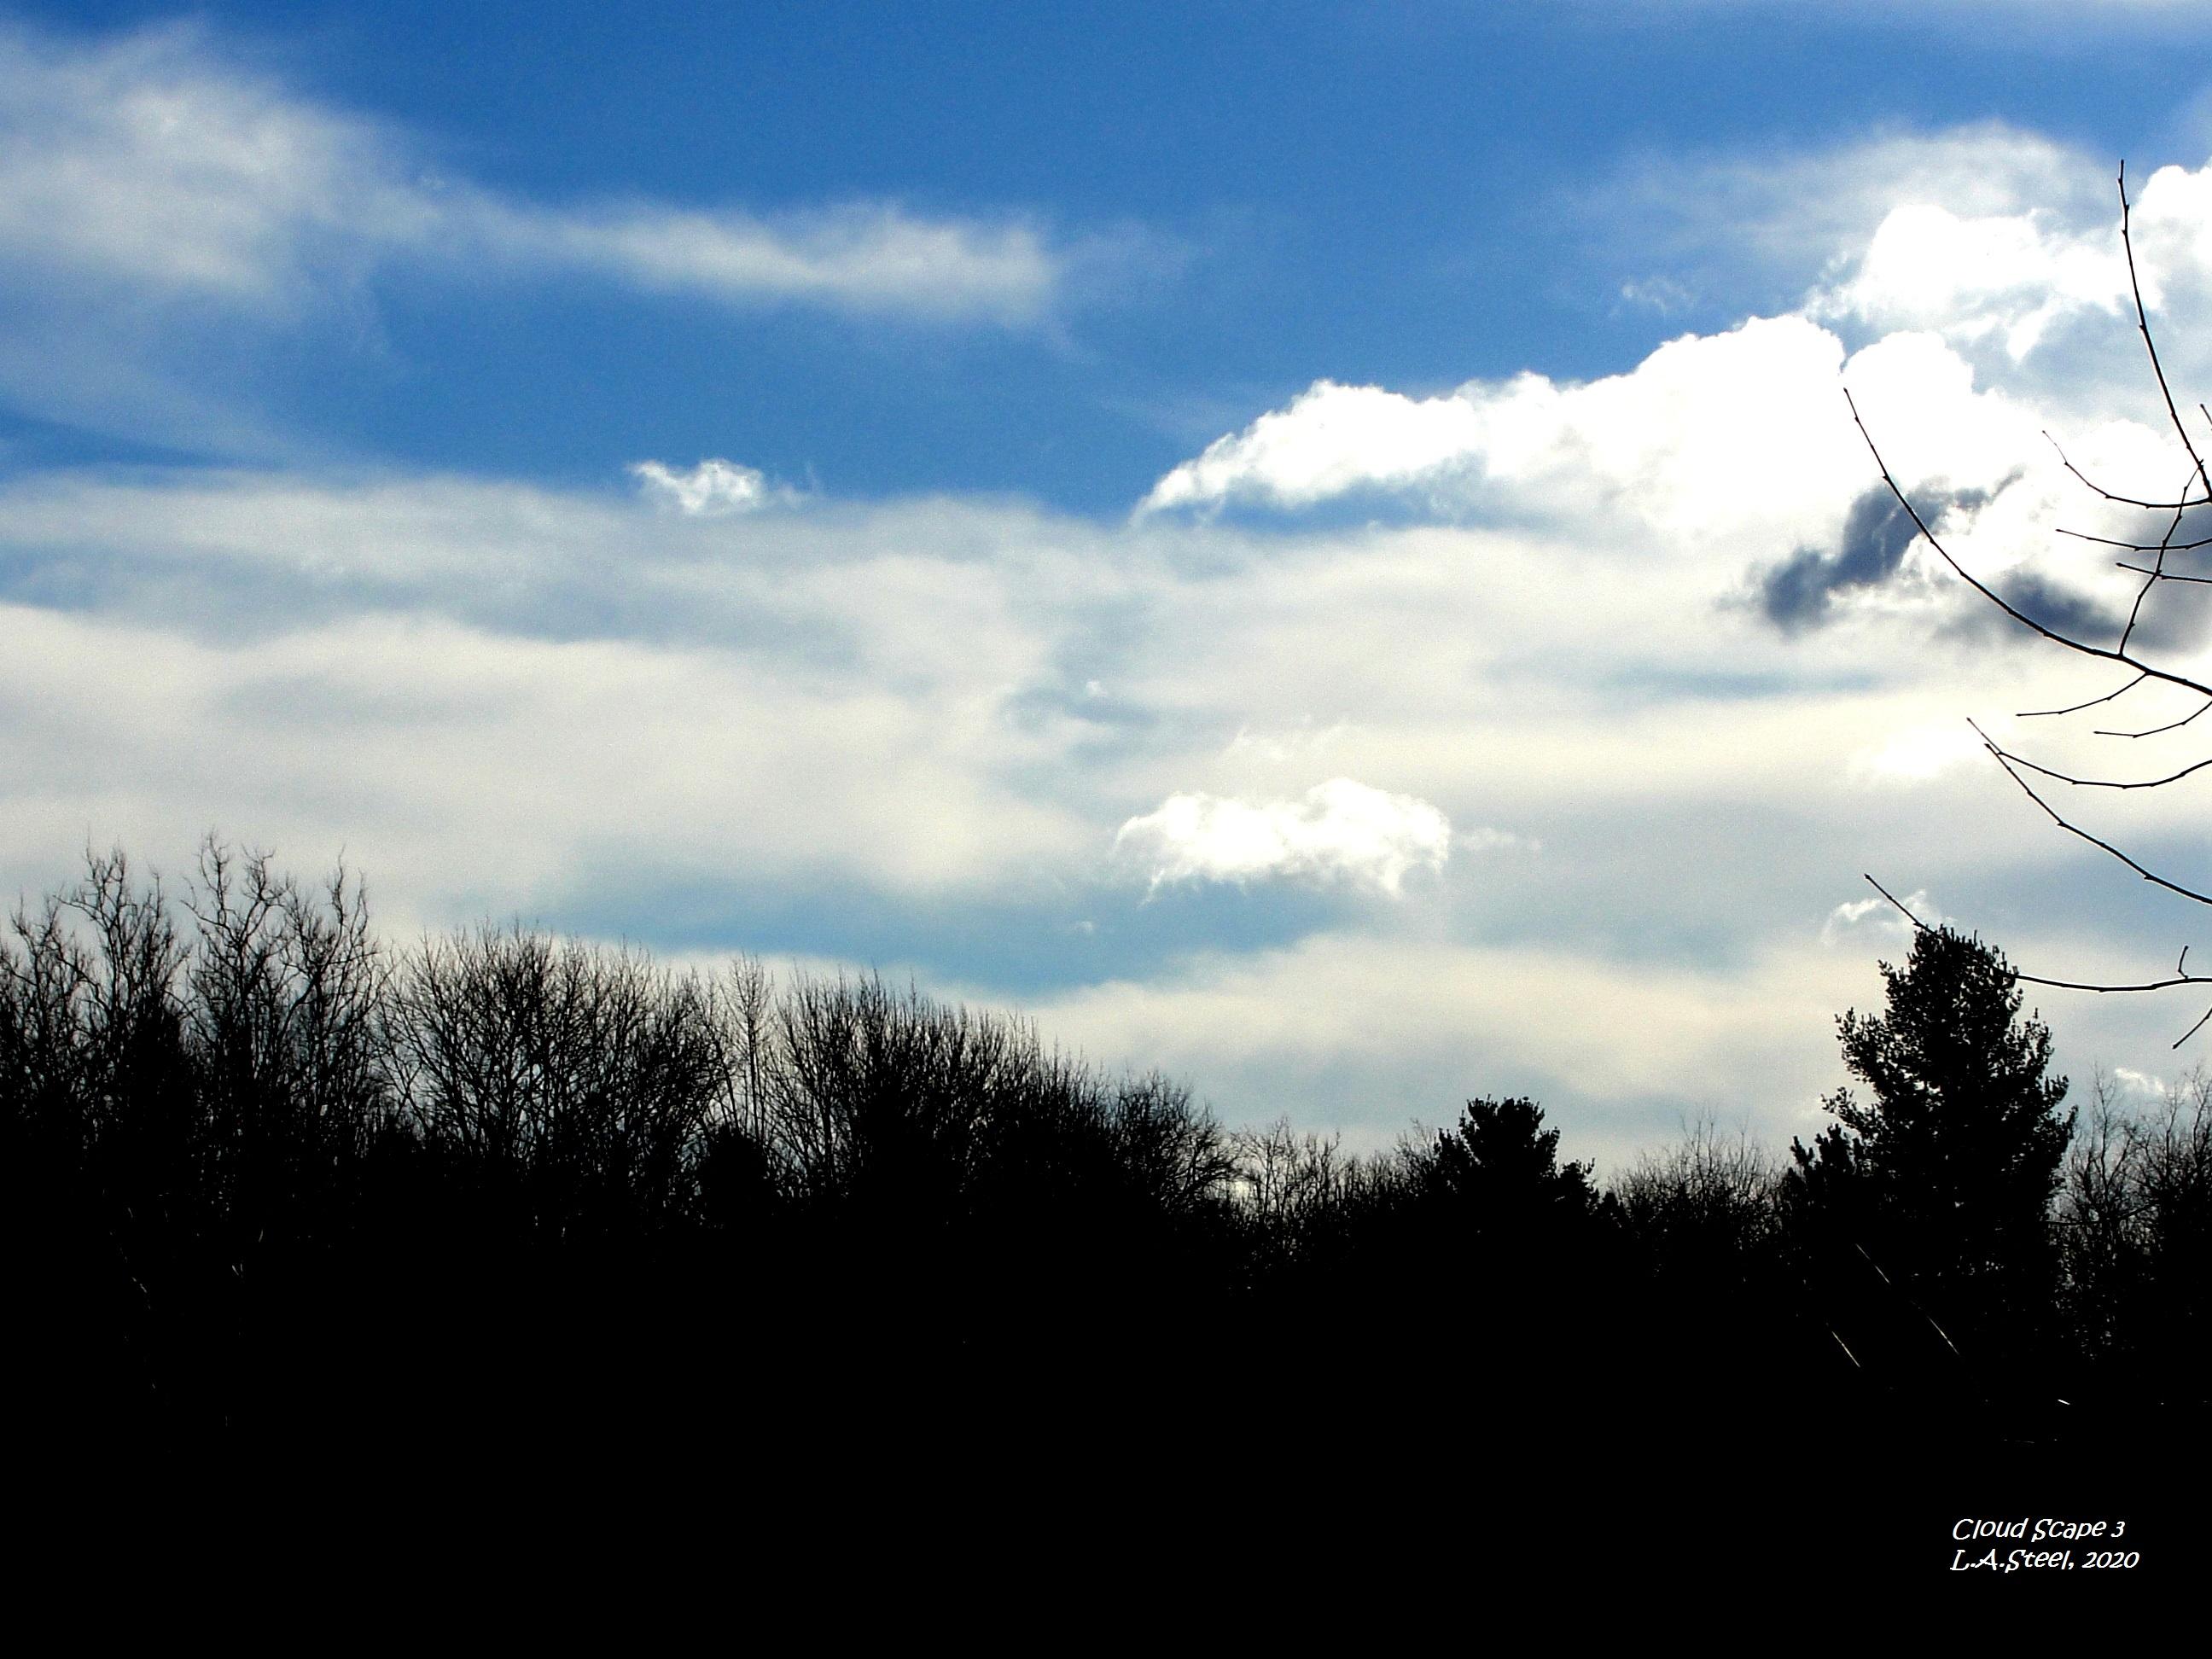 cloud scape 3 2020